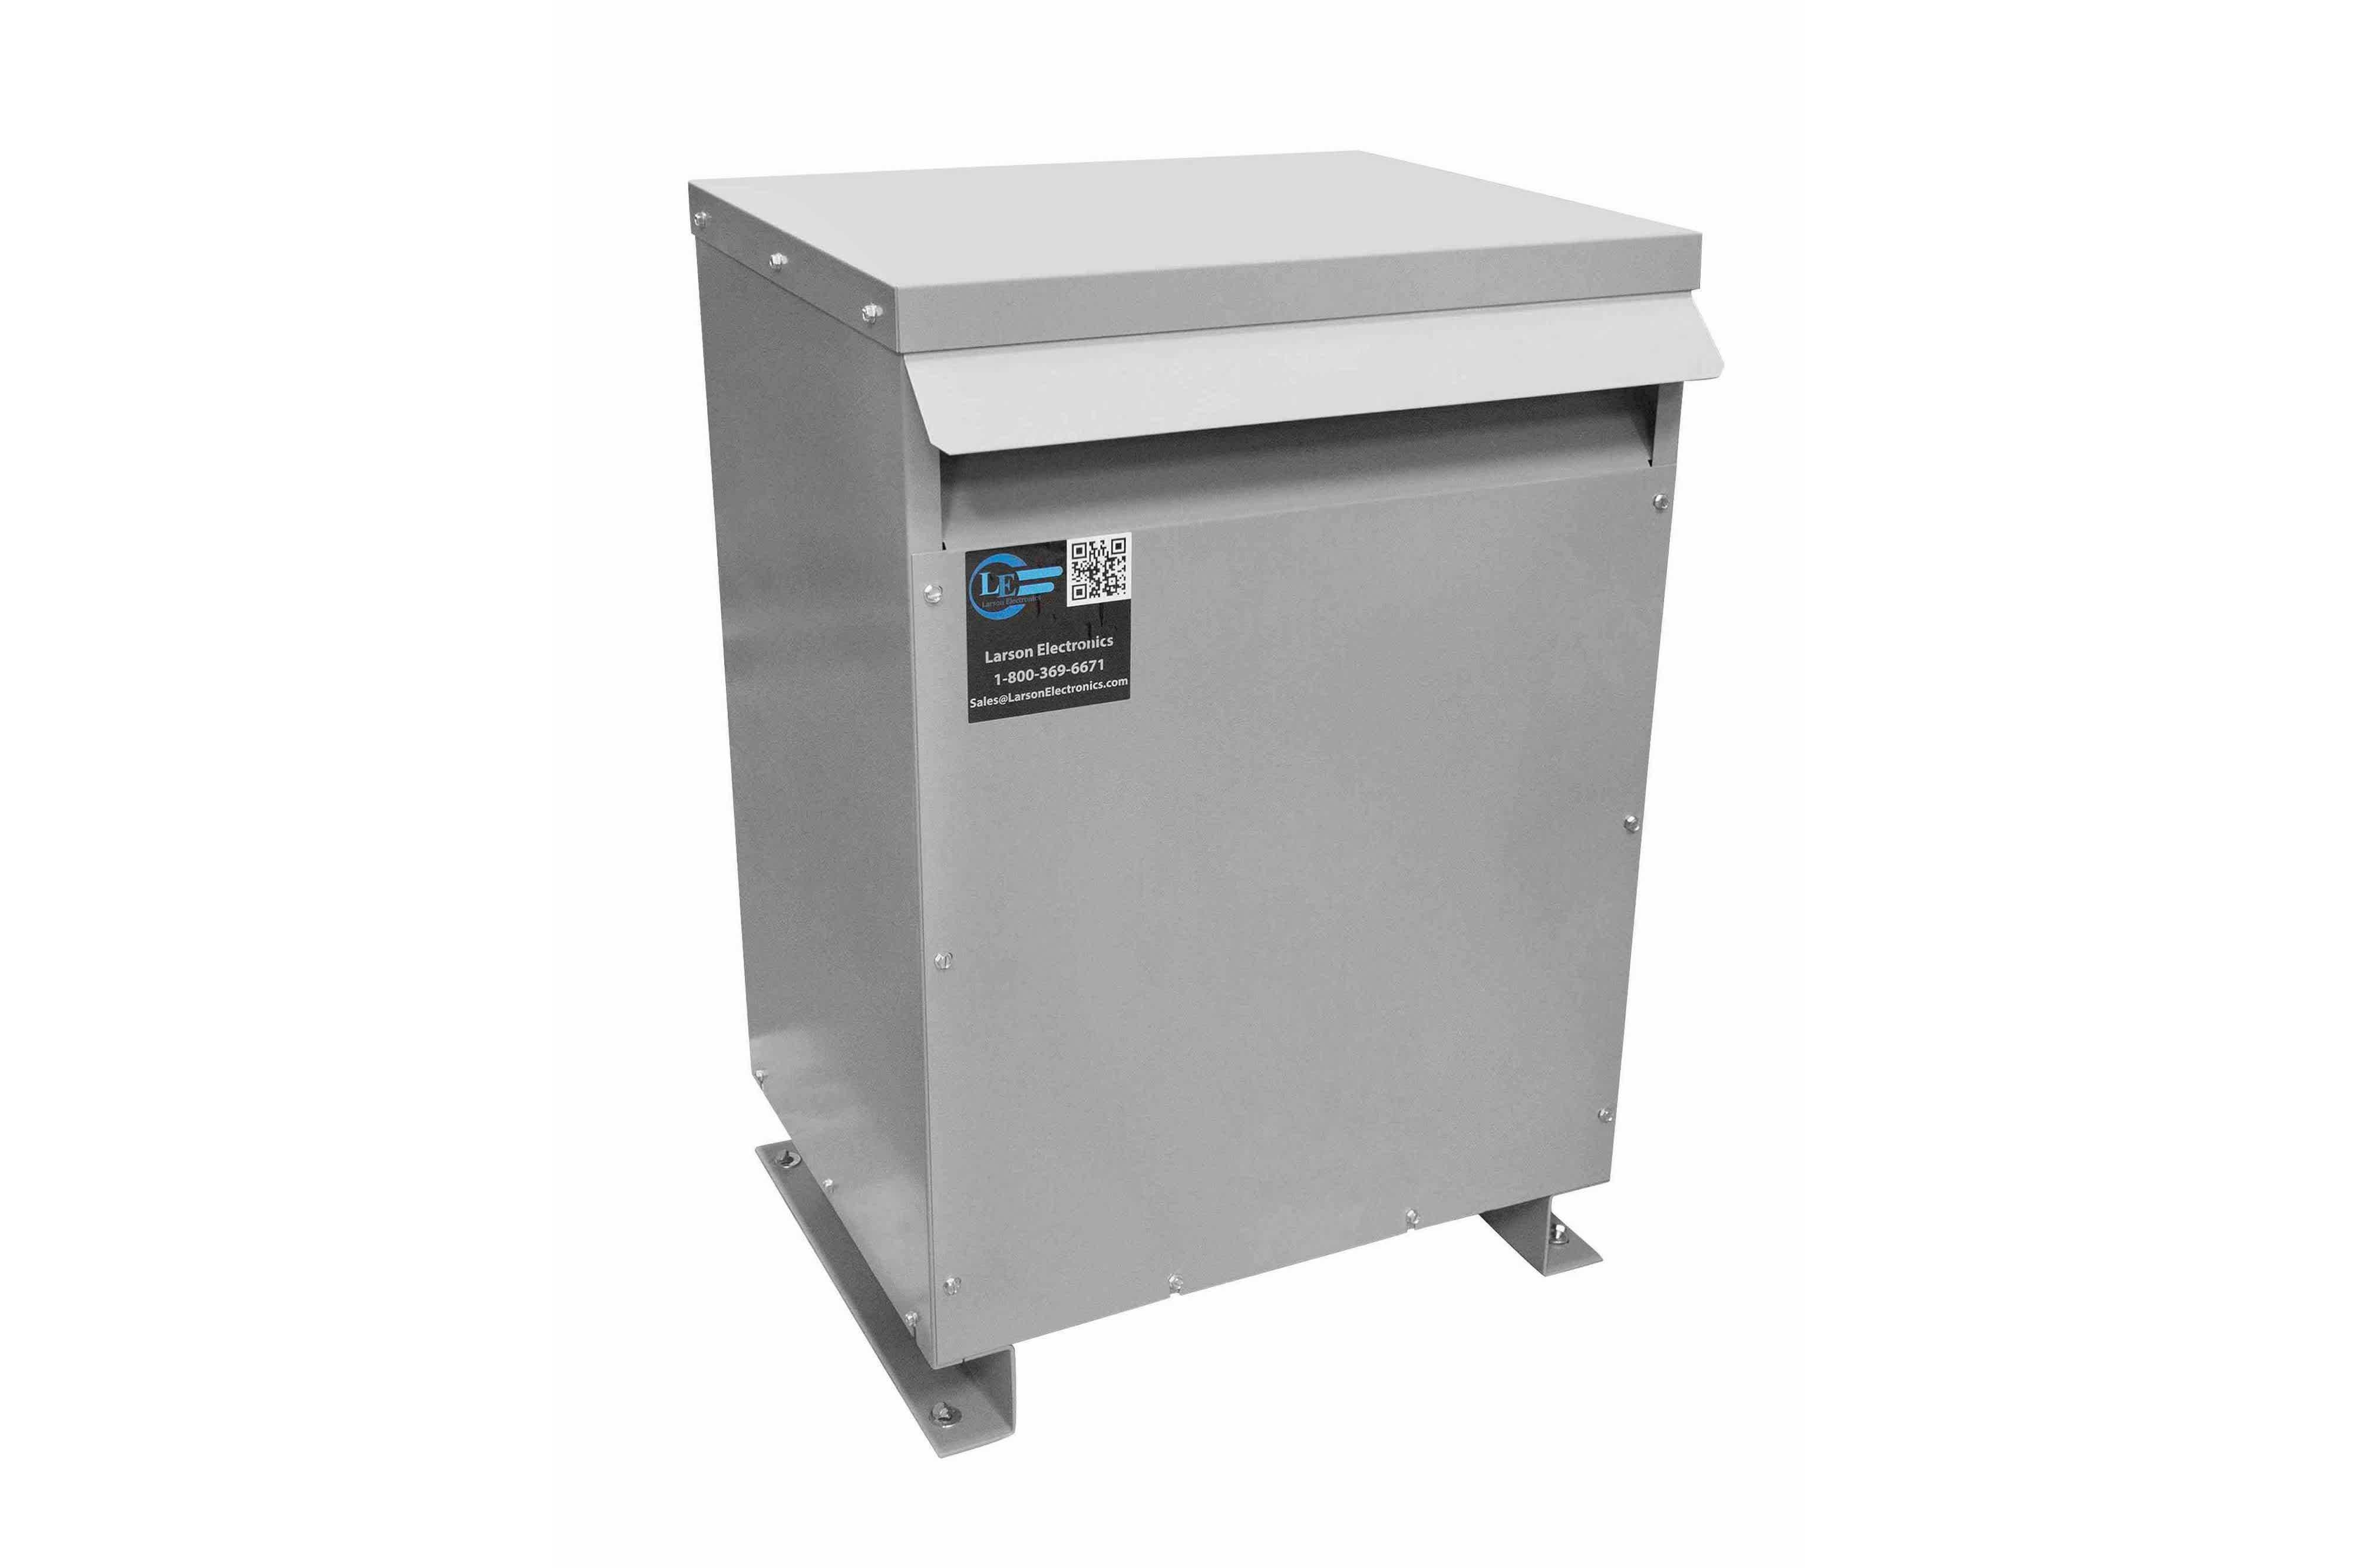 750 kVA 3PH Isolation Transformer, 440V Delta Primary, 208V Delta Secondary, N3R, Ventilated, 60 Hz